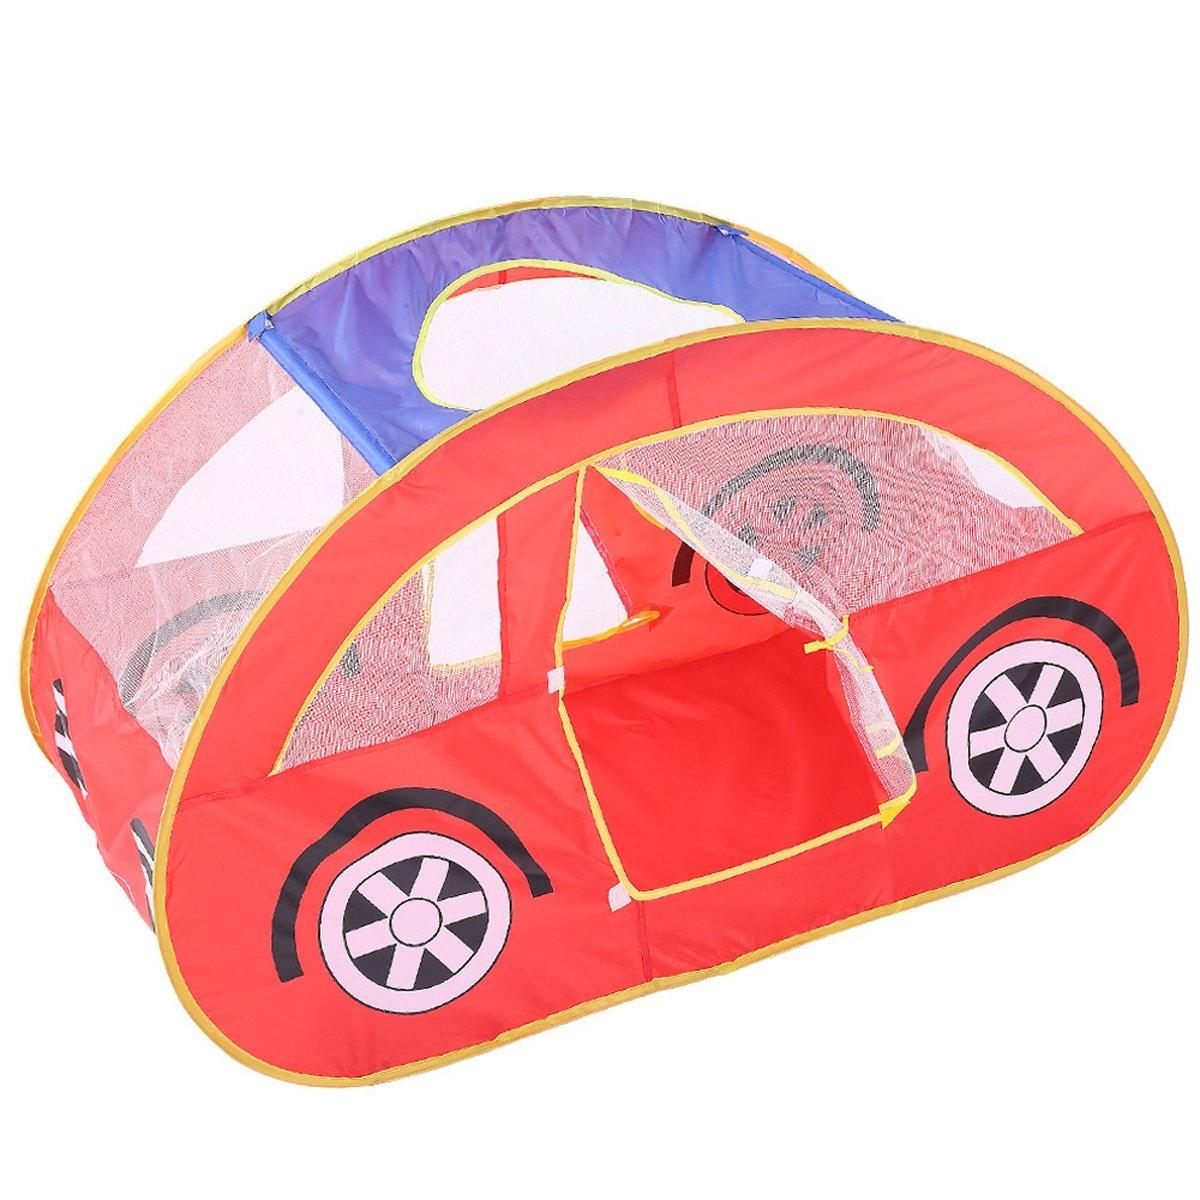 gran descuento U&h HU-Tent Juego para niños Tienda de campaña Fun Juego Juego Juego Fold Castle Baby Ocean Pool Pool rojo Coche Juguete House (51.2  27.6  31.5 Pulgadas Embalaje de 1)  moda